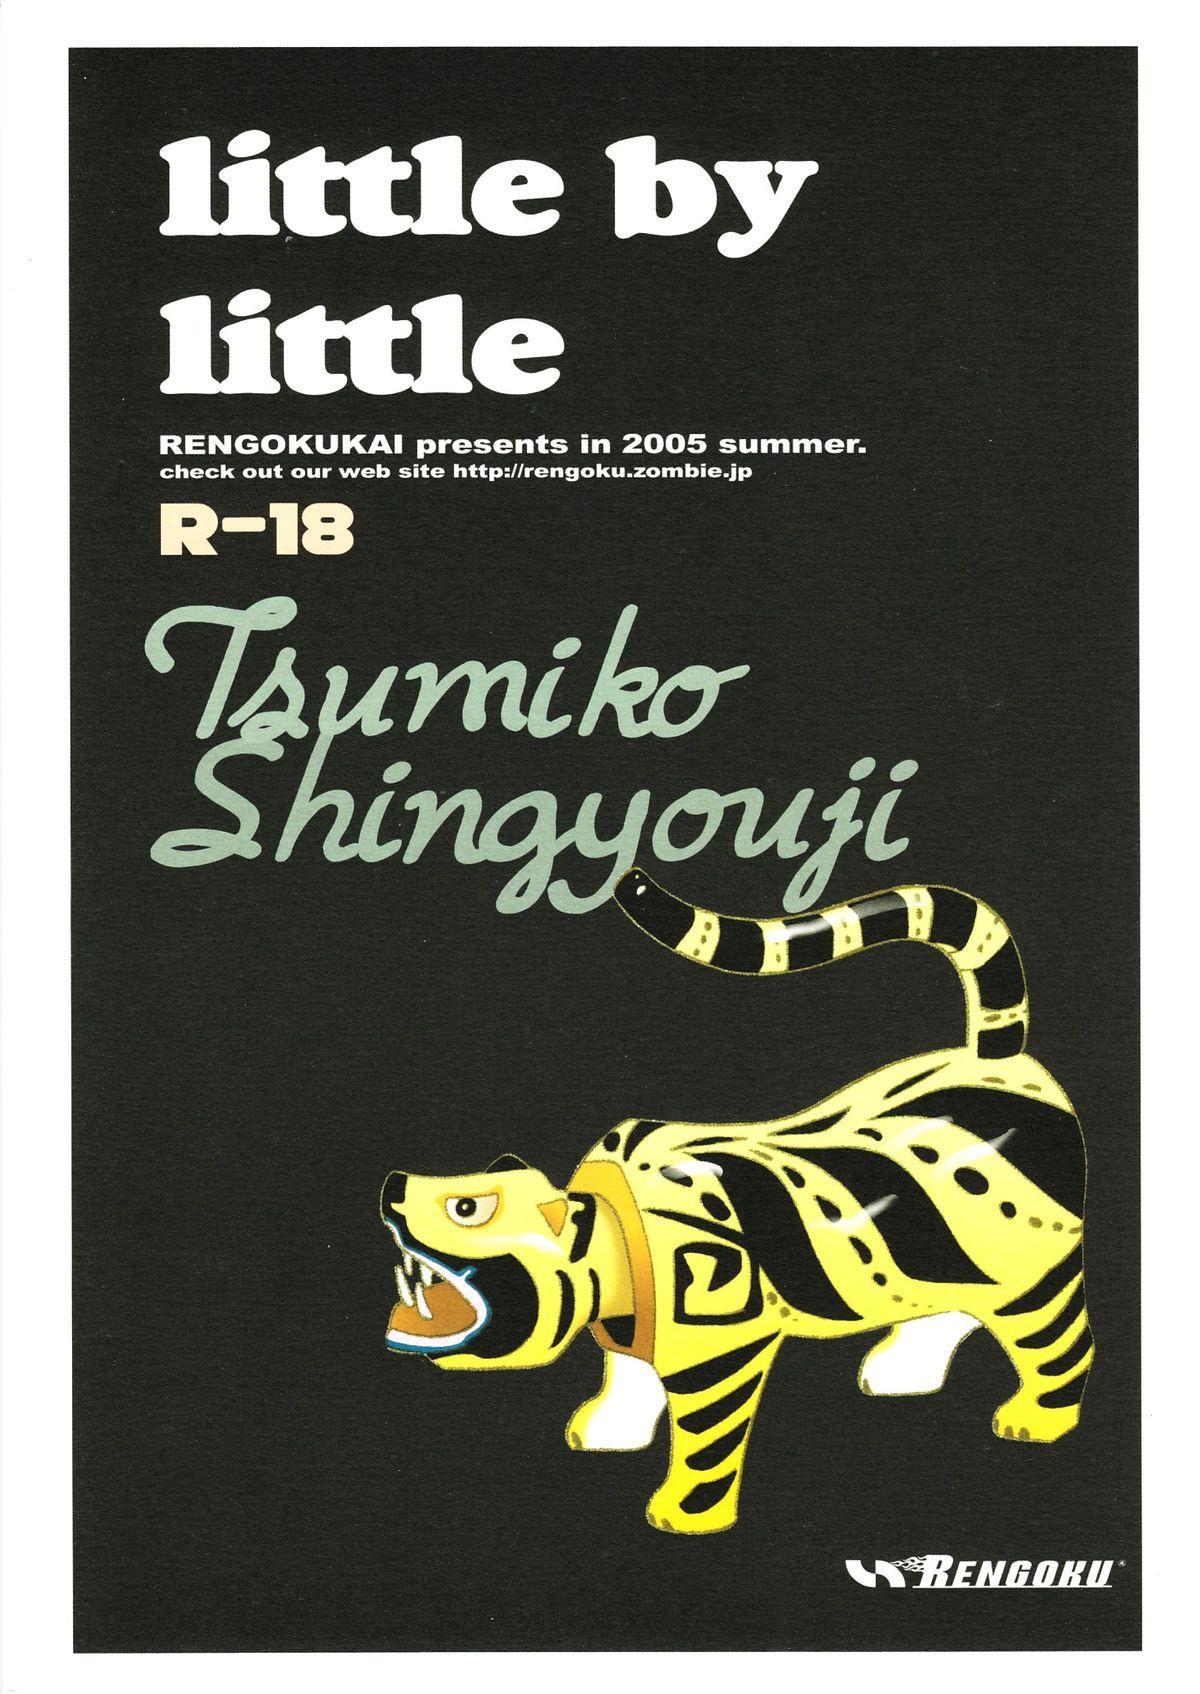 LITTLE BY LITTLE 41